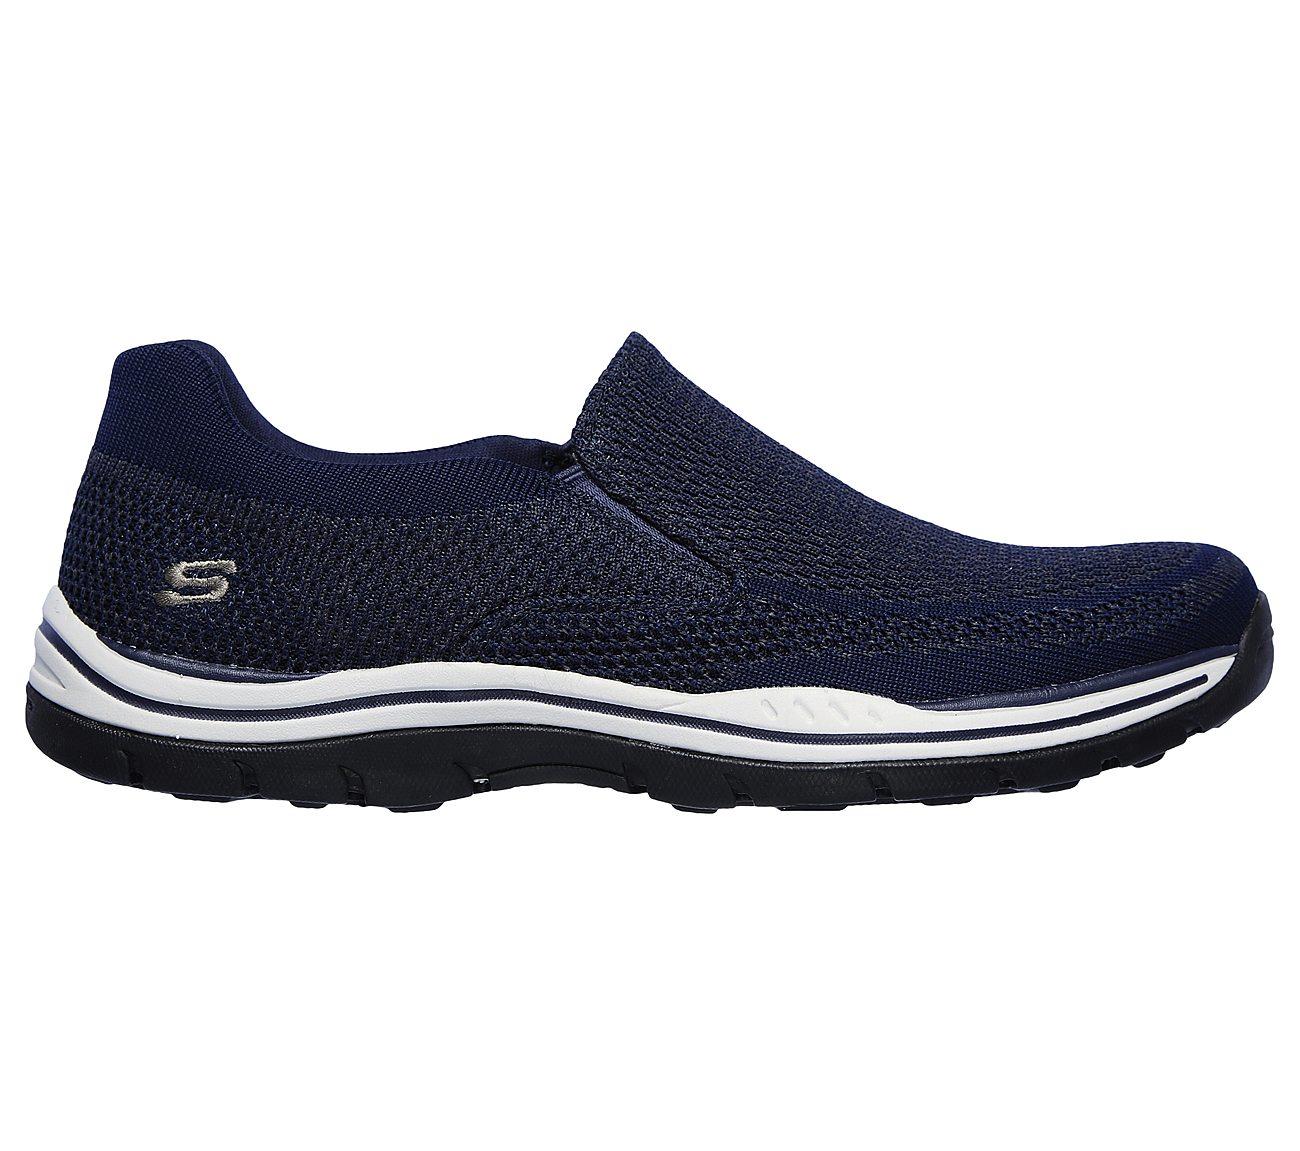 اسکچرز/مردانه/کفش اسکچرز مردانه RELAXED FIT: EXPECTED - GOMEL 65086